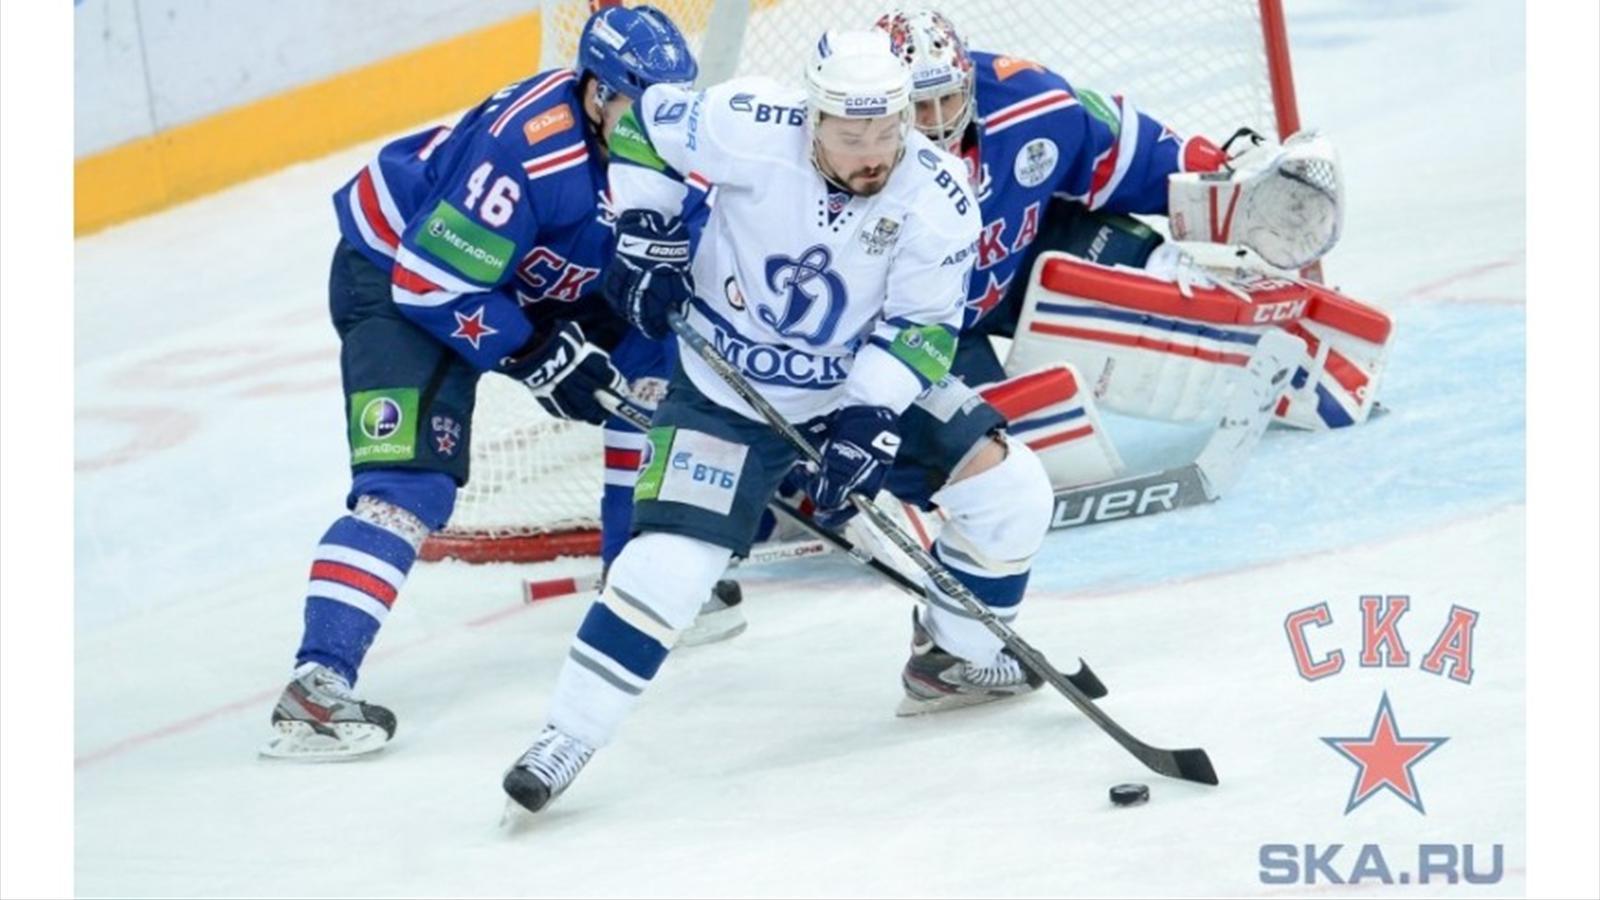 Хоккей на AllHockeyRu КХЛ НХЛ Сборная России чемпионат